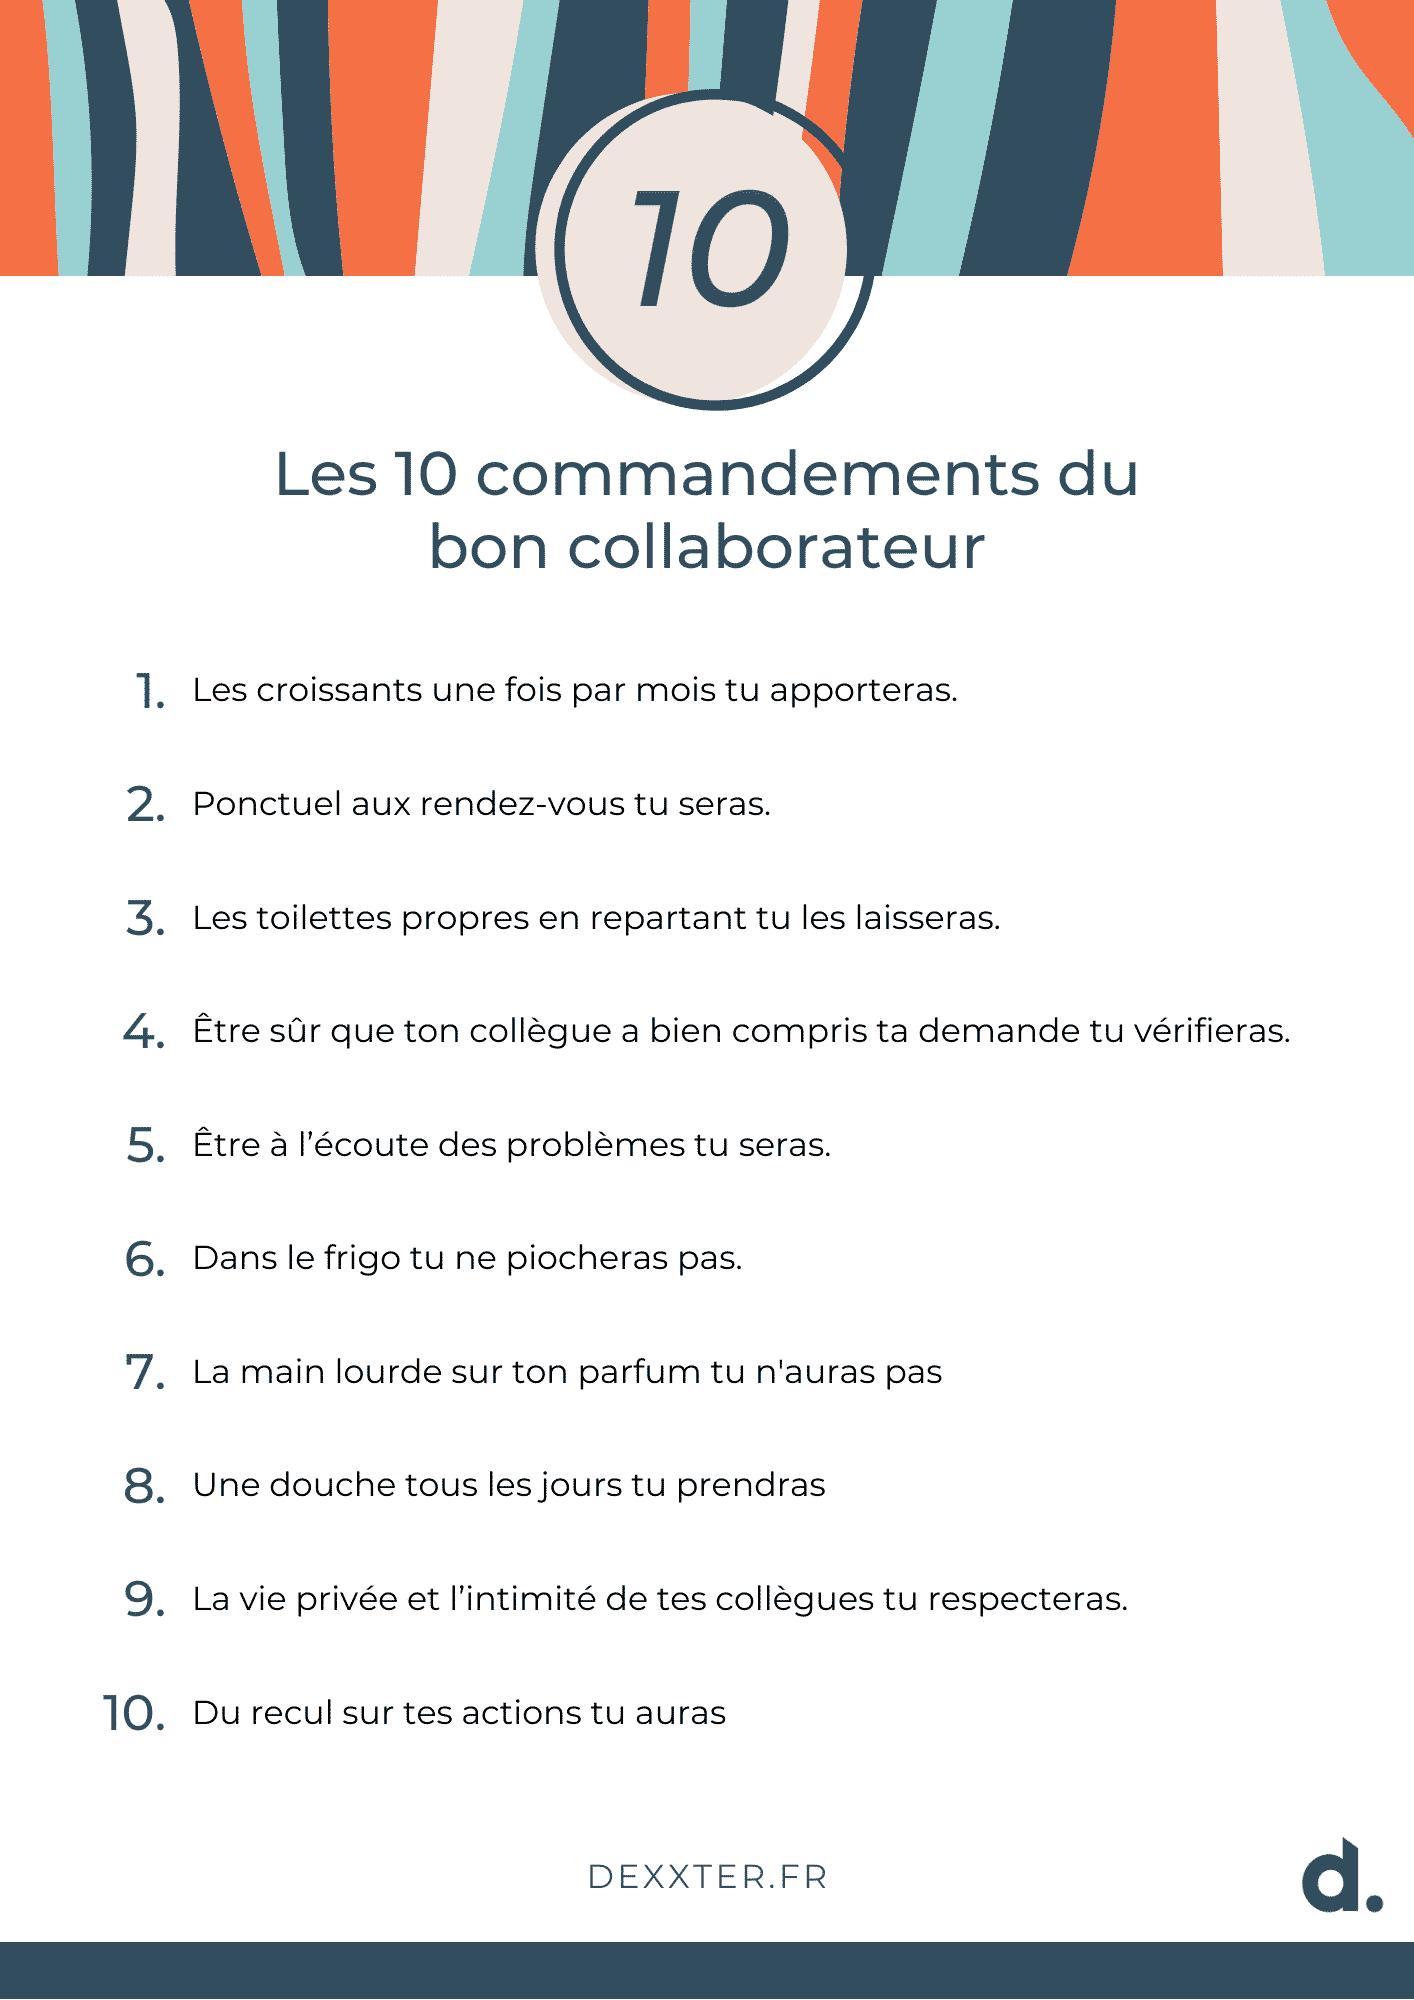 10 commandements gestion de crise en entreprise